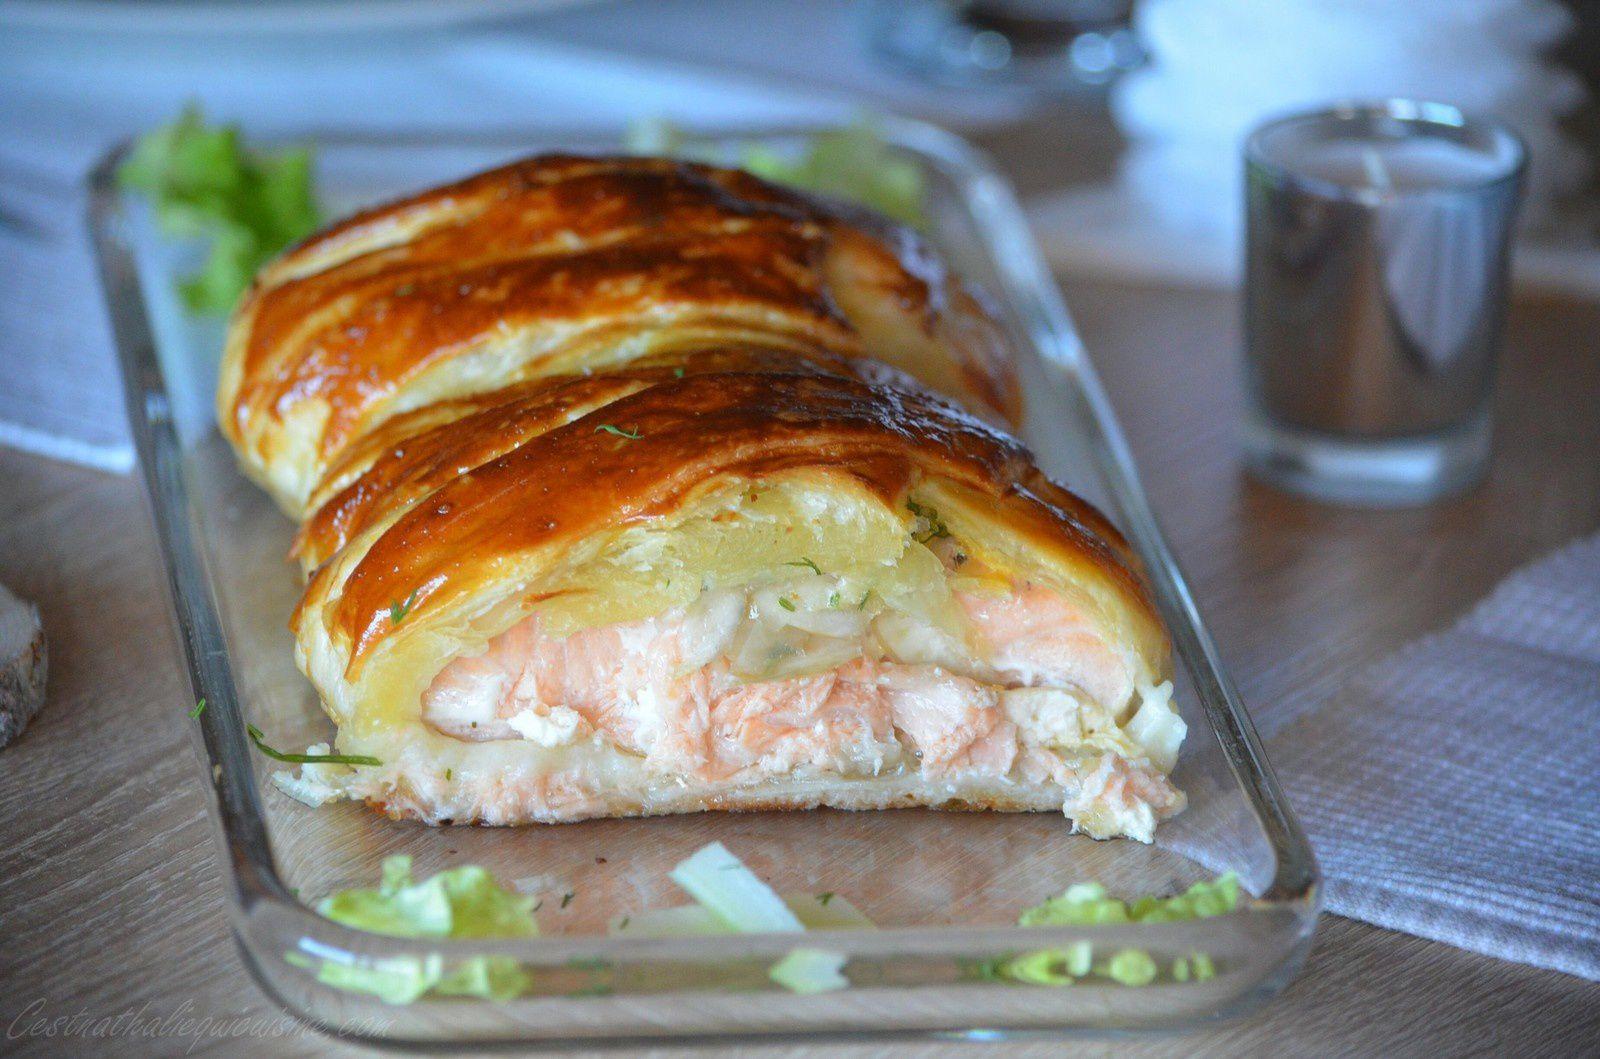 Feuilleté de saumon au fenouil et à l'aneth